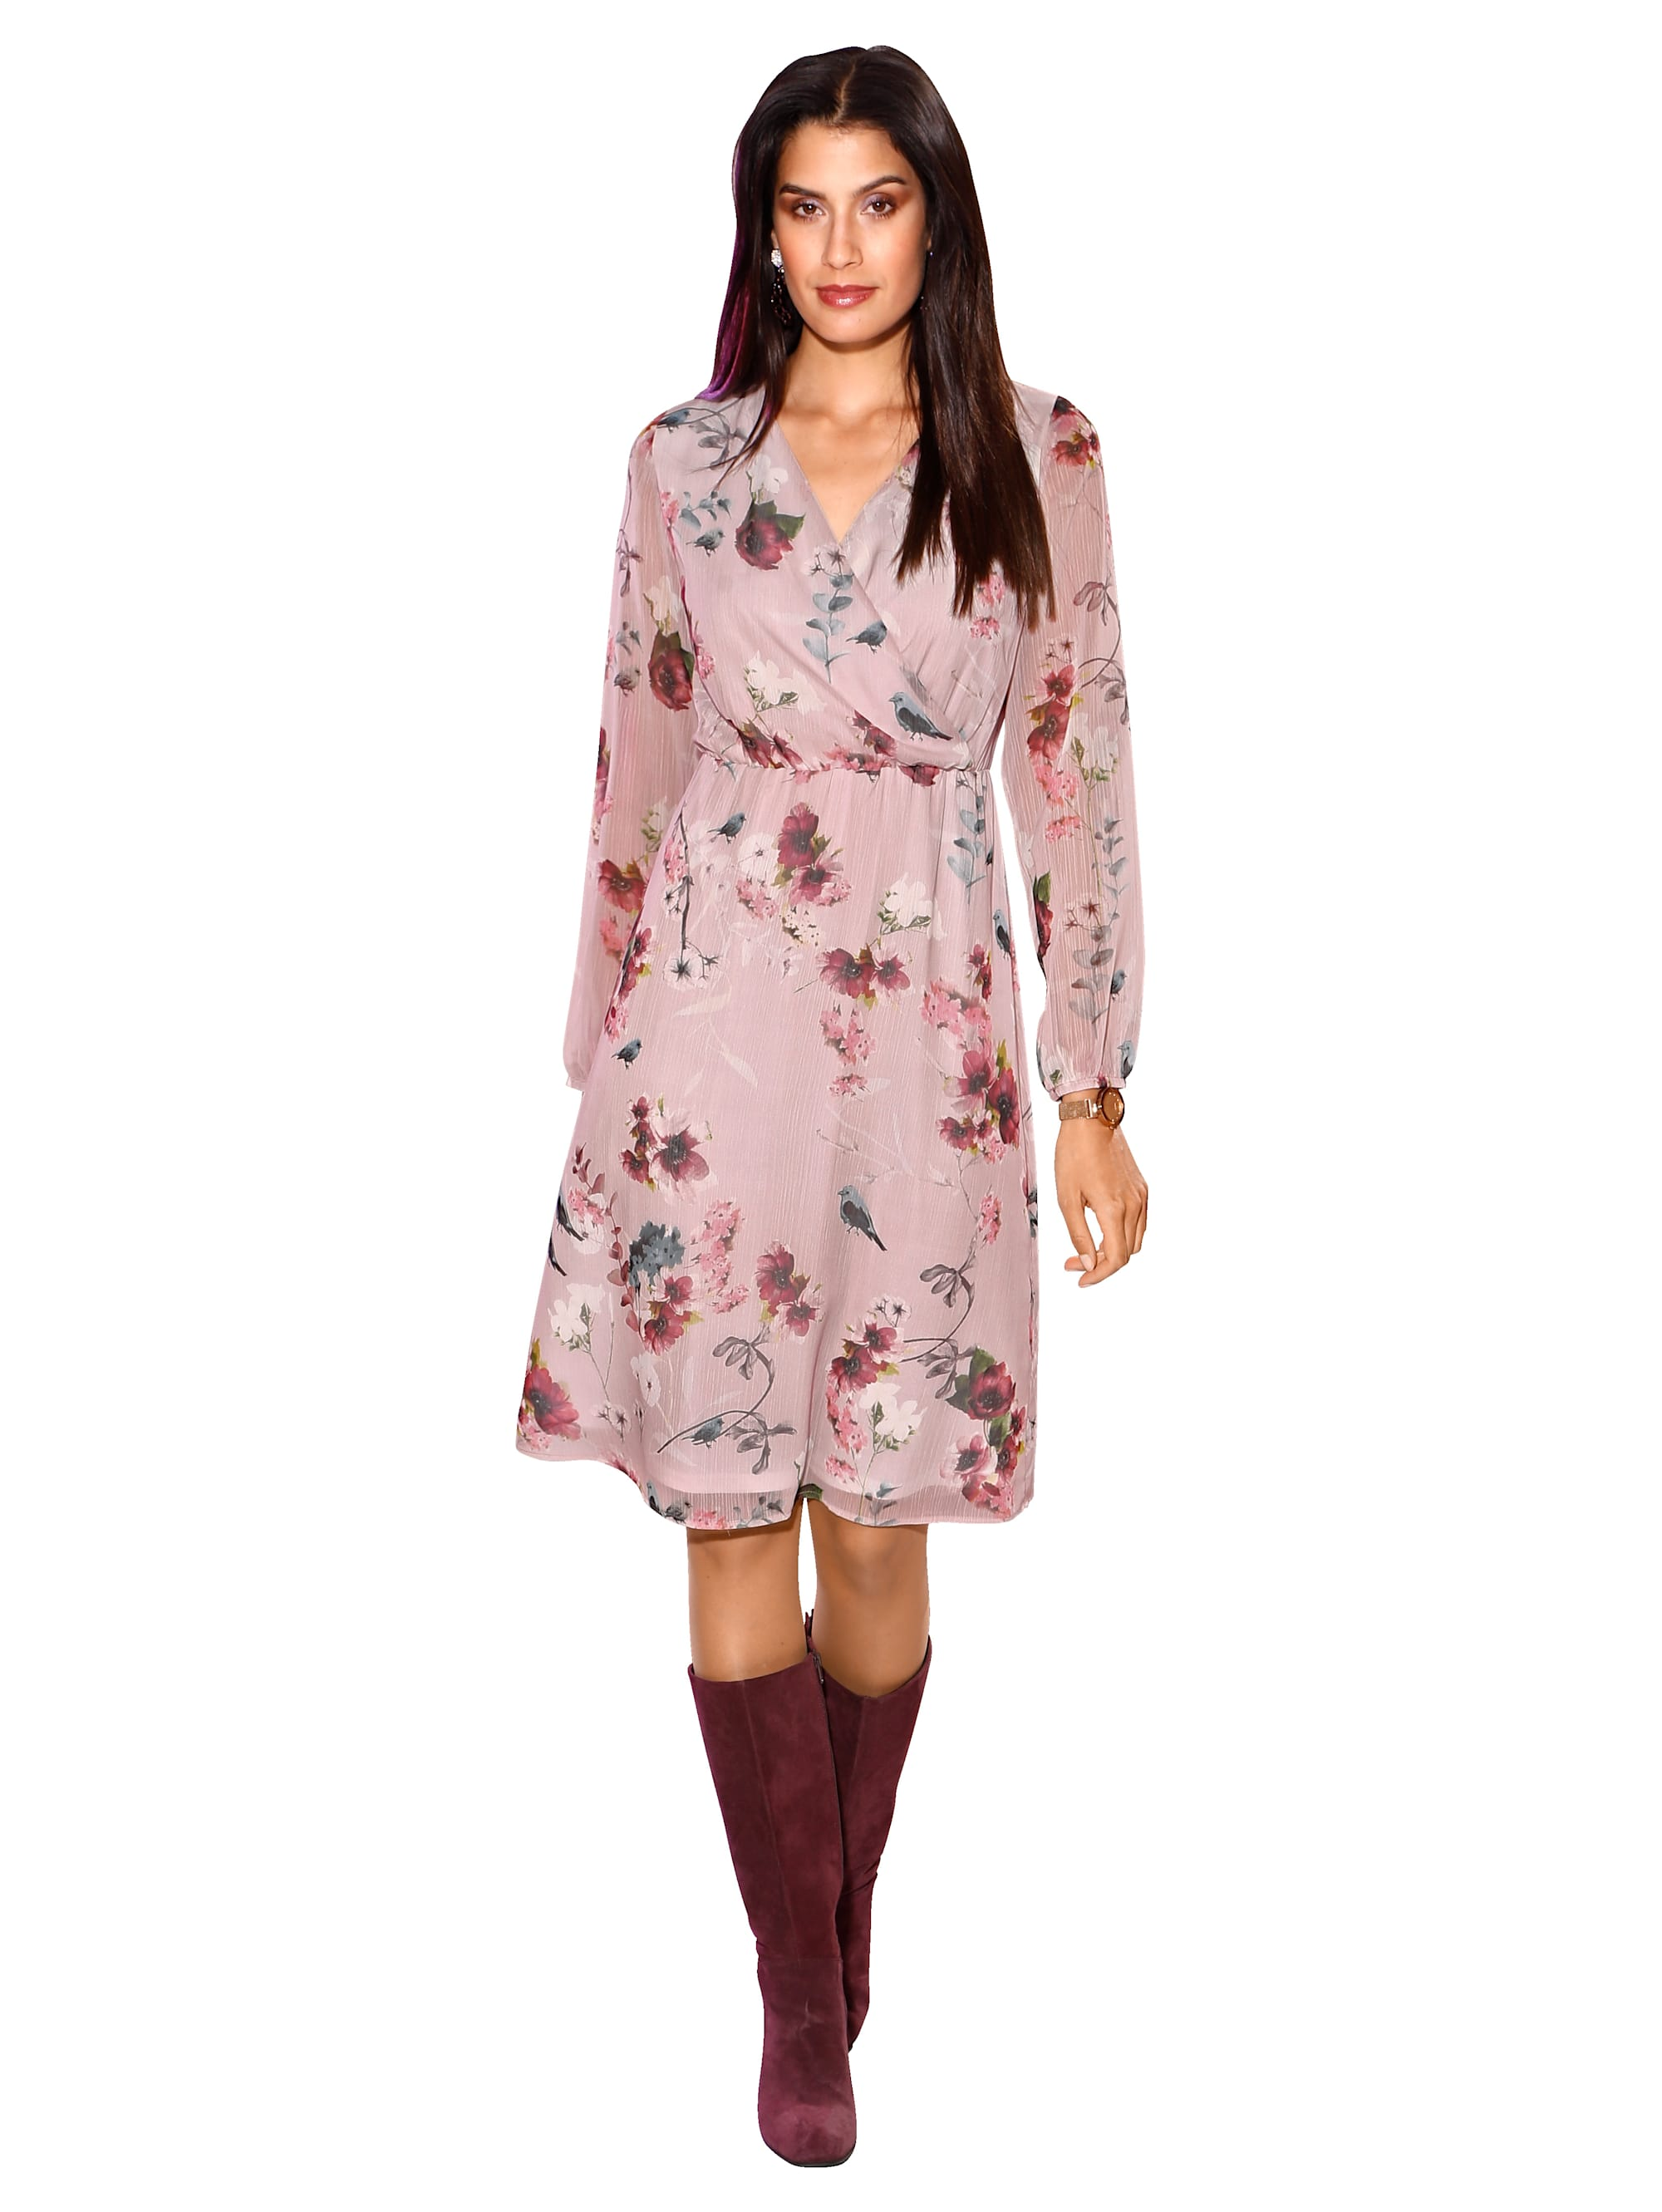 AMY VERMONT Kleid mit floralem Druck 4HWBN sJfe5